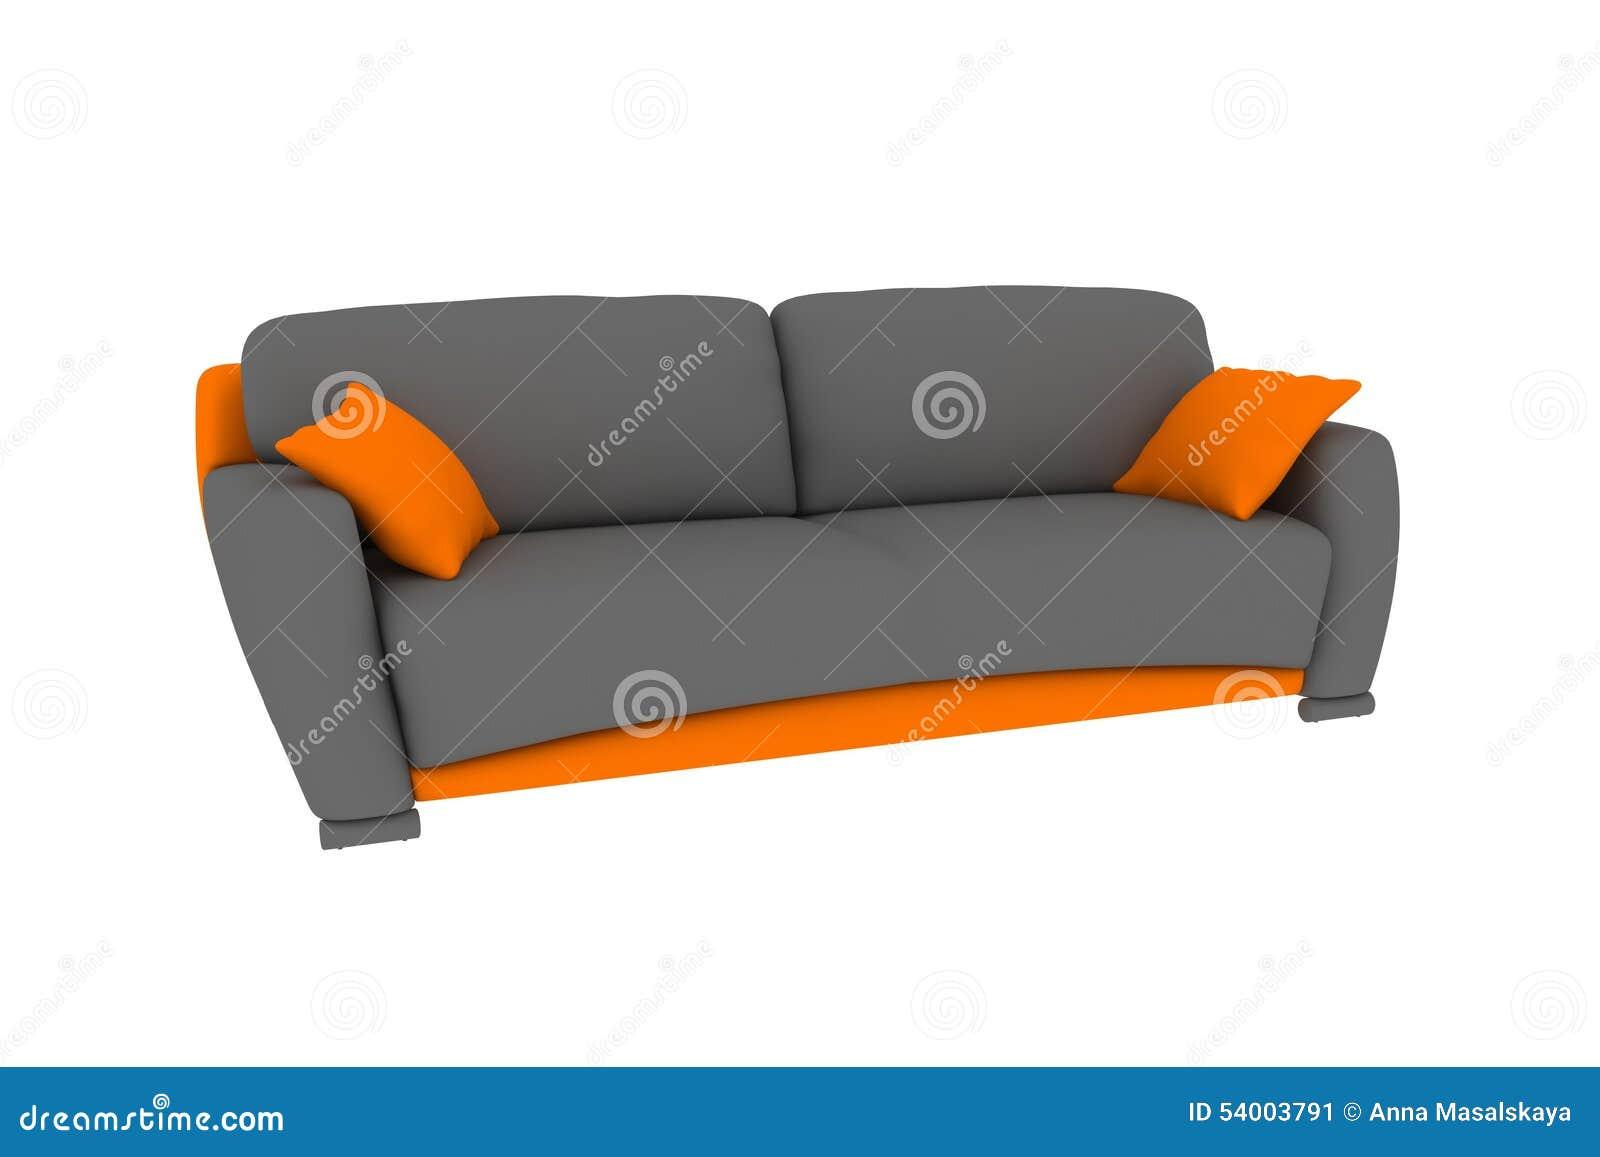 Isolated Grey Orange Sofa